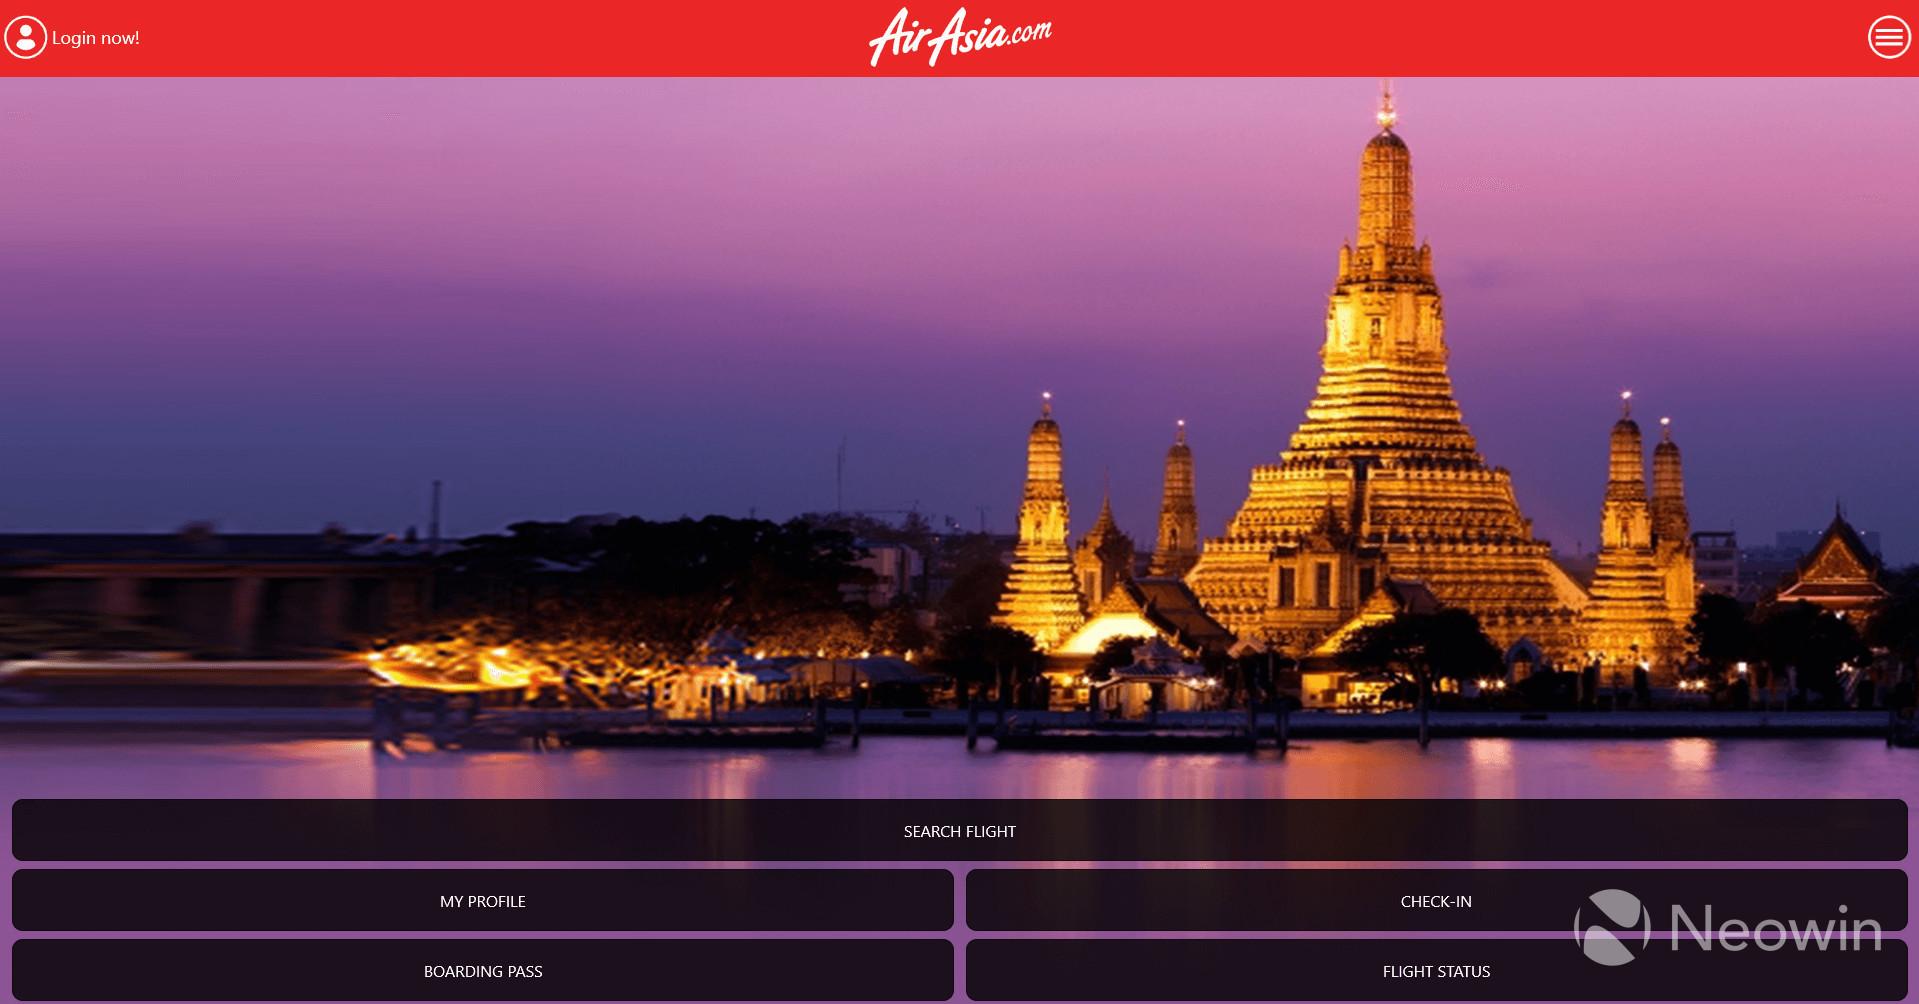 air asia Sơ lược về air asia air asia là một hãng hàng không giá rẻ có trụ sở tại nhà ga hàng không giá rẻ (lcct) ở sân bay quốc tế kuala lumpur (kul), malaysia hãng chuyên khai thác các tuyến bay theo lịch trình nội địa và quốc tế với giá vé thấp hàng đầu châu á là hãng hàng không đầu tiên trong khu vực sử dụng loại.